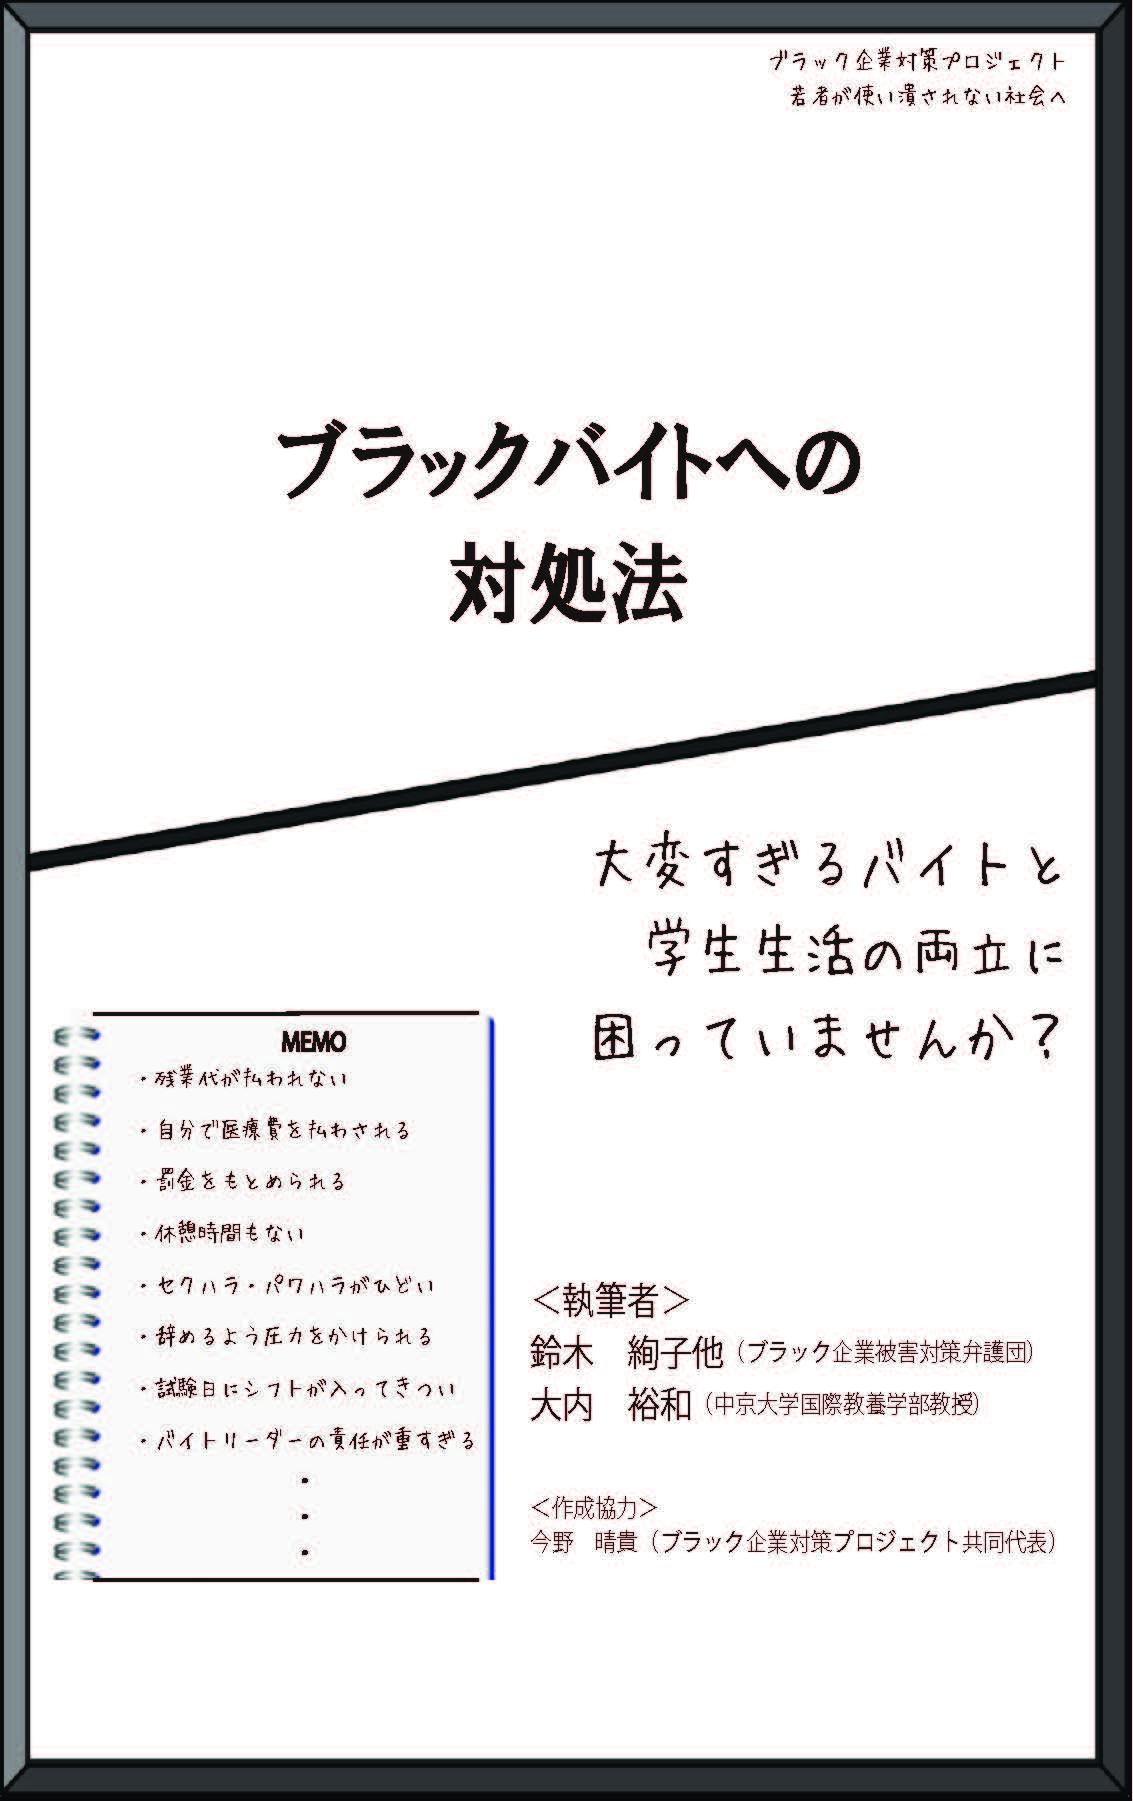 ブラックバイト対処法冊子 1